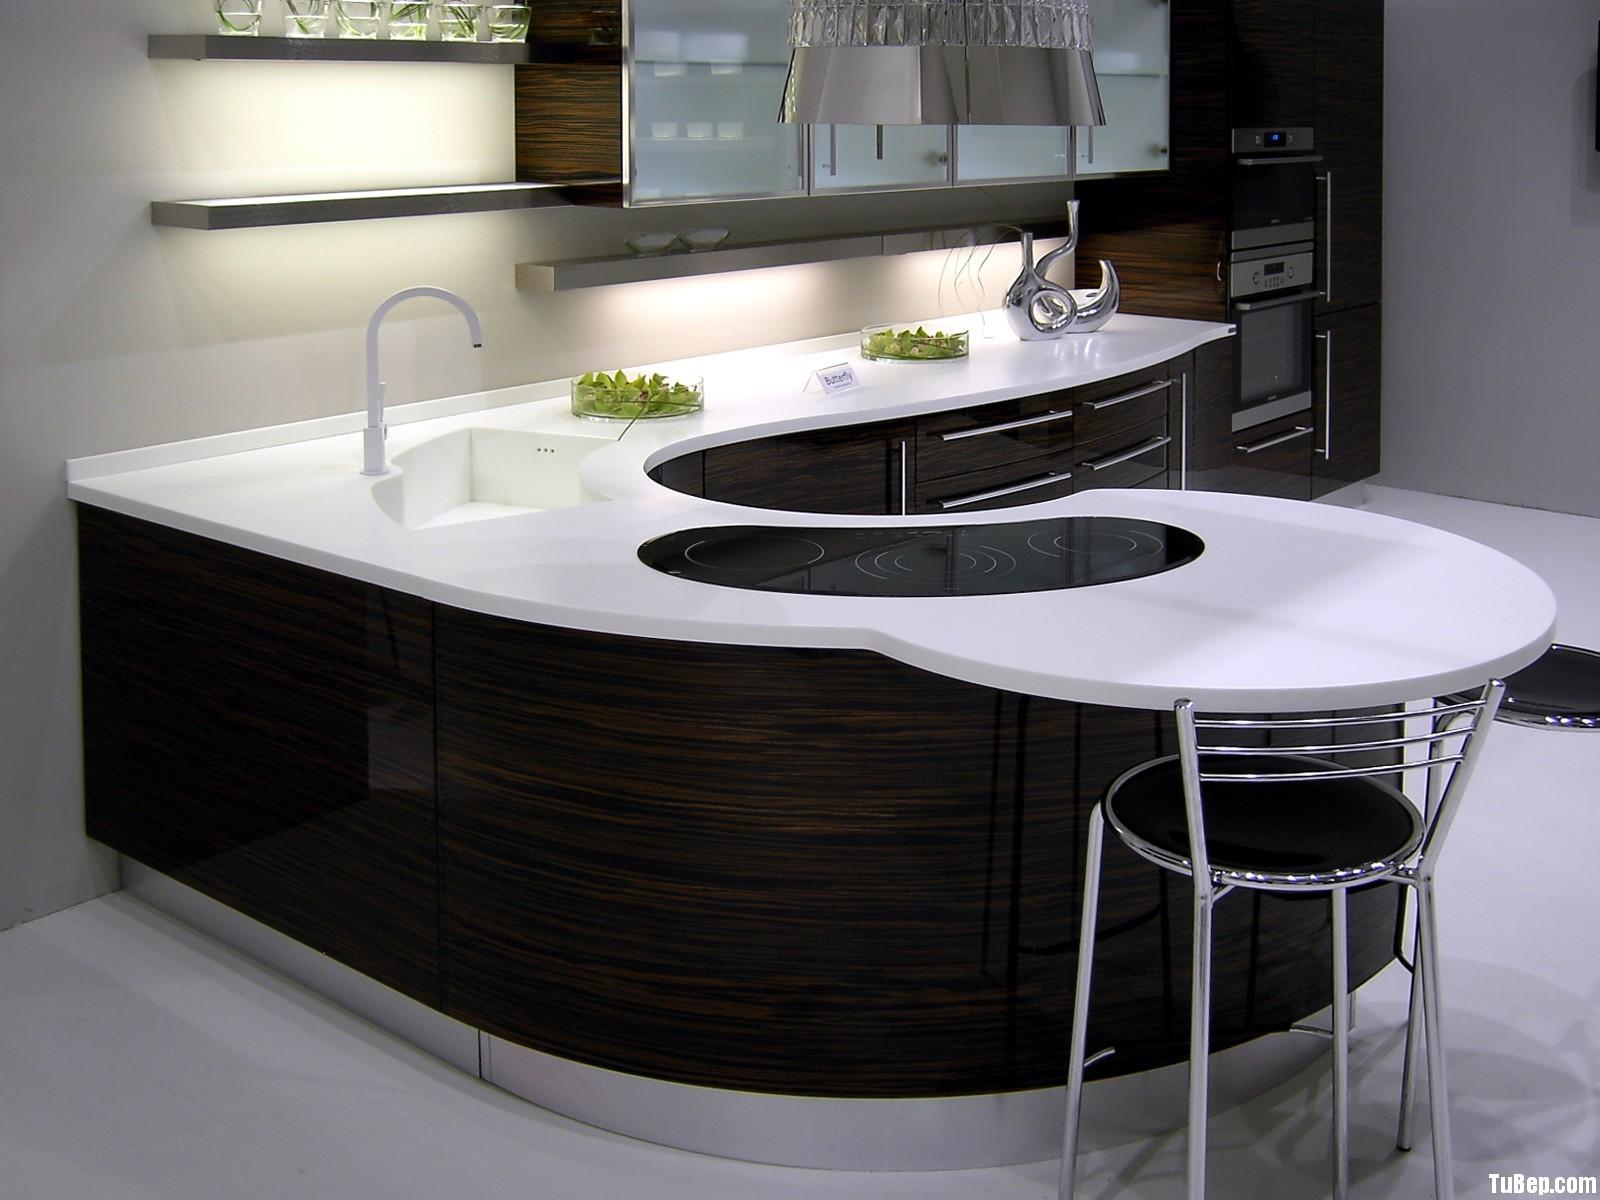 b6290e6e0475464e.jpg Tủ bếp Acrylic có đảo – TVB711